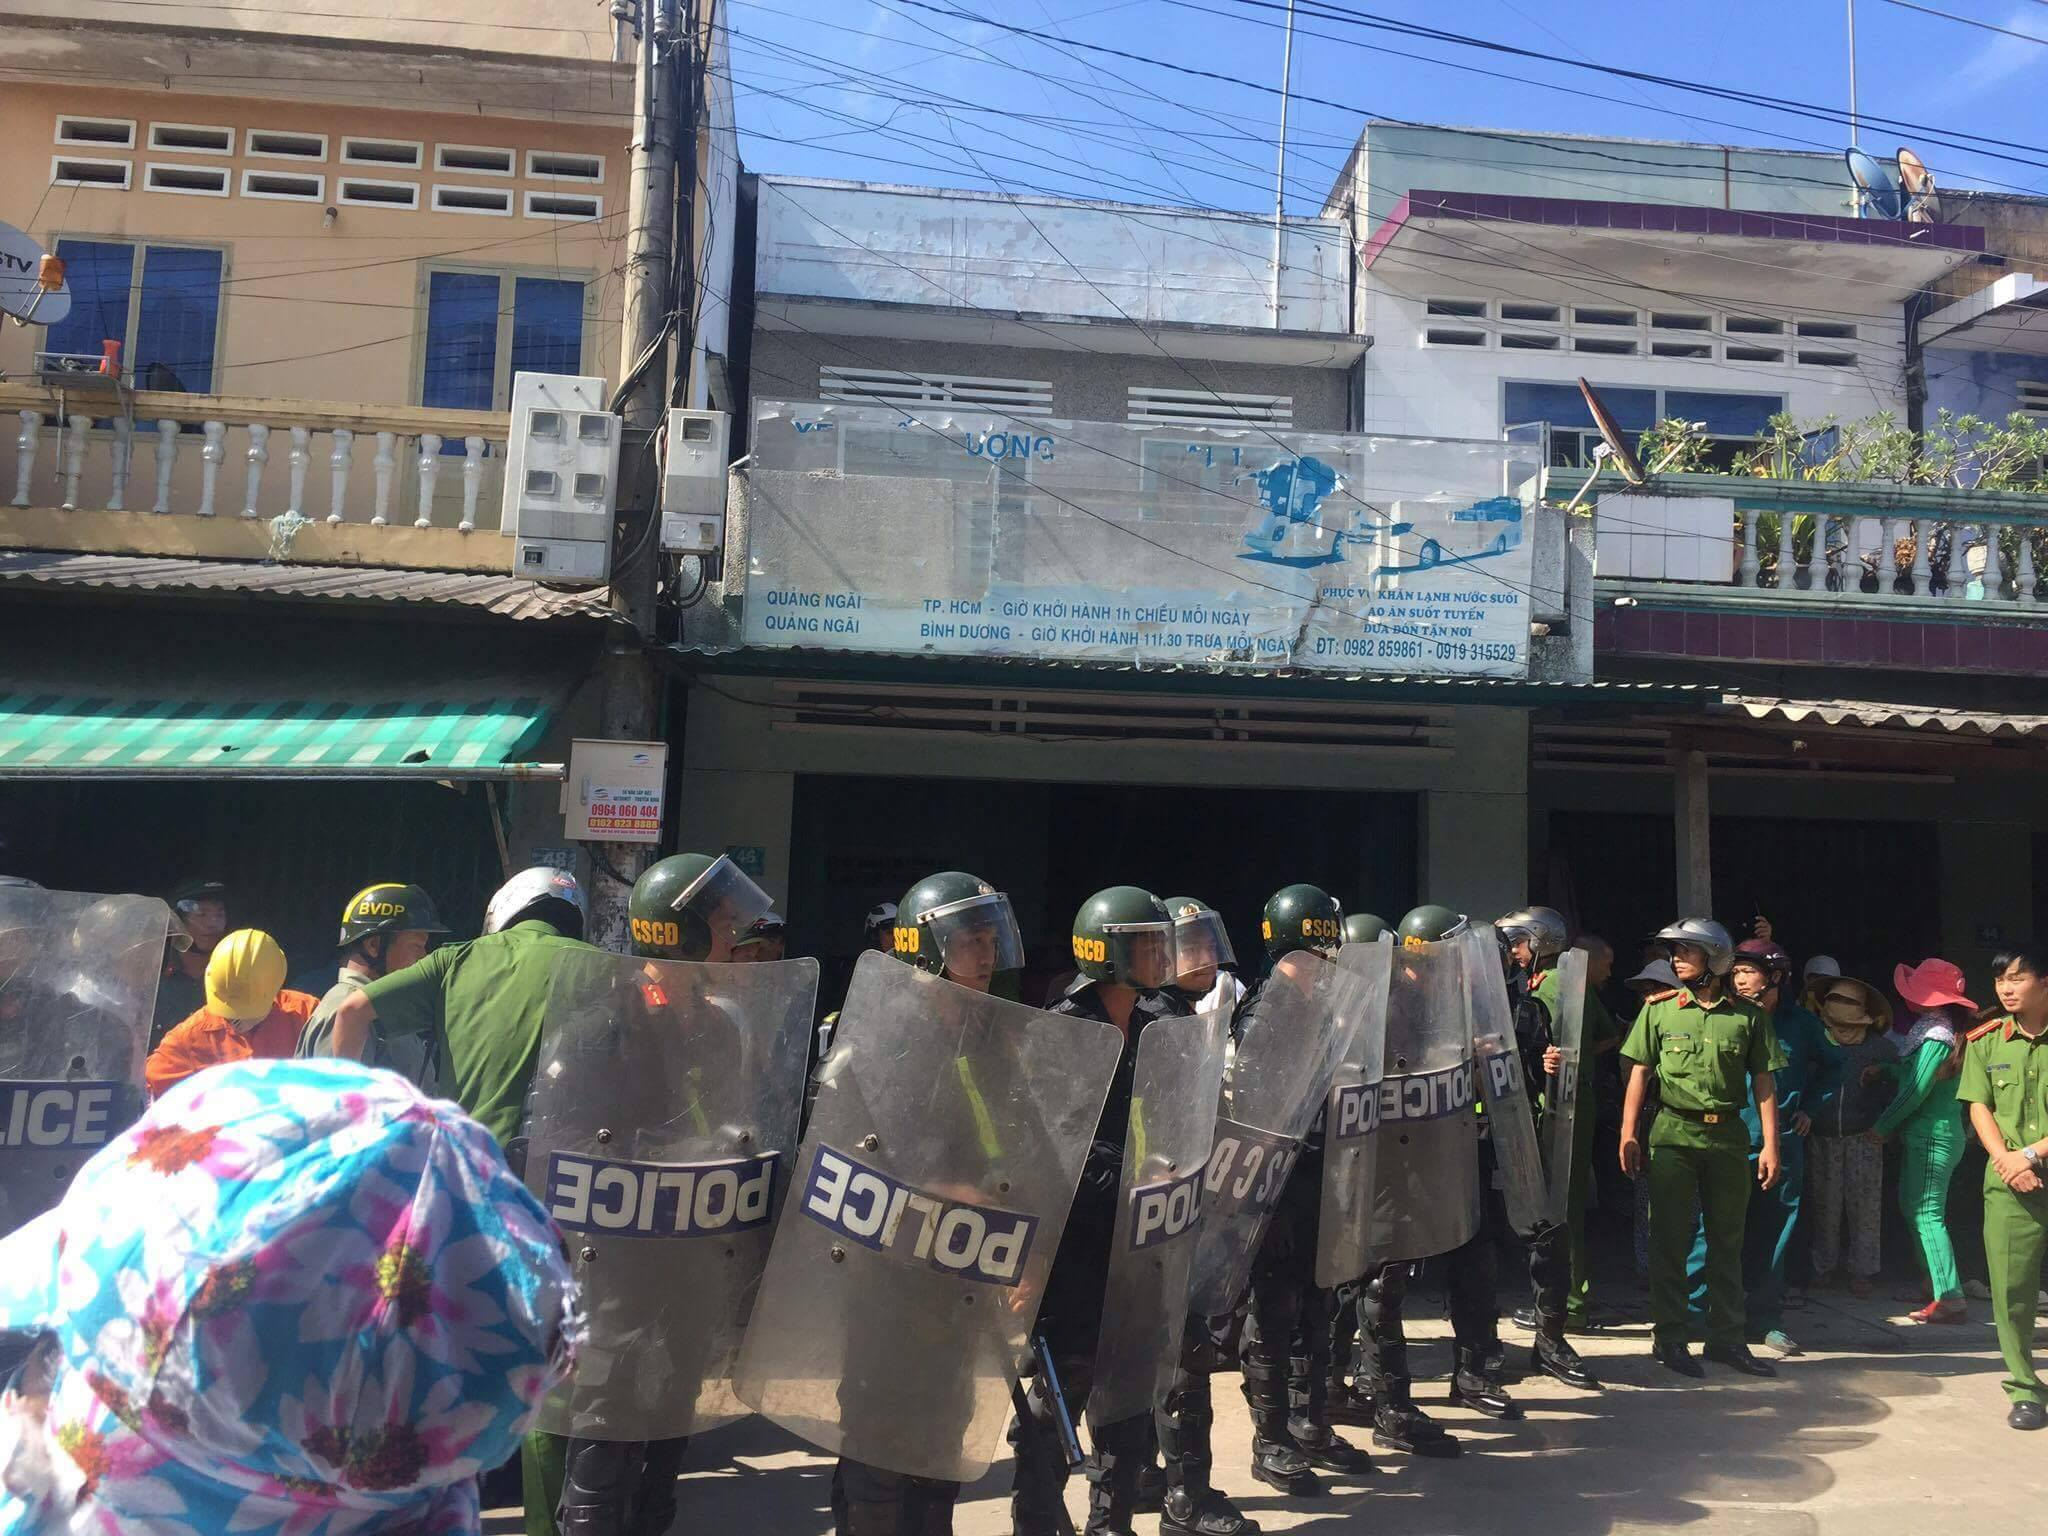 Bị ép sang chợ mới, hàng trăm tiểu thương xuống đường phản đối